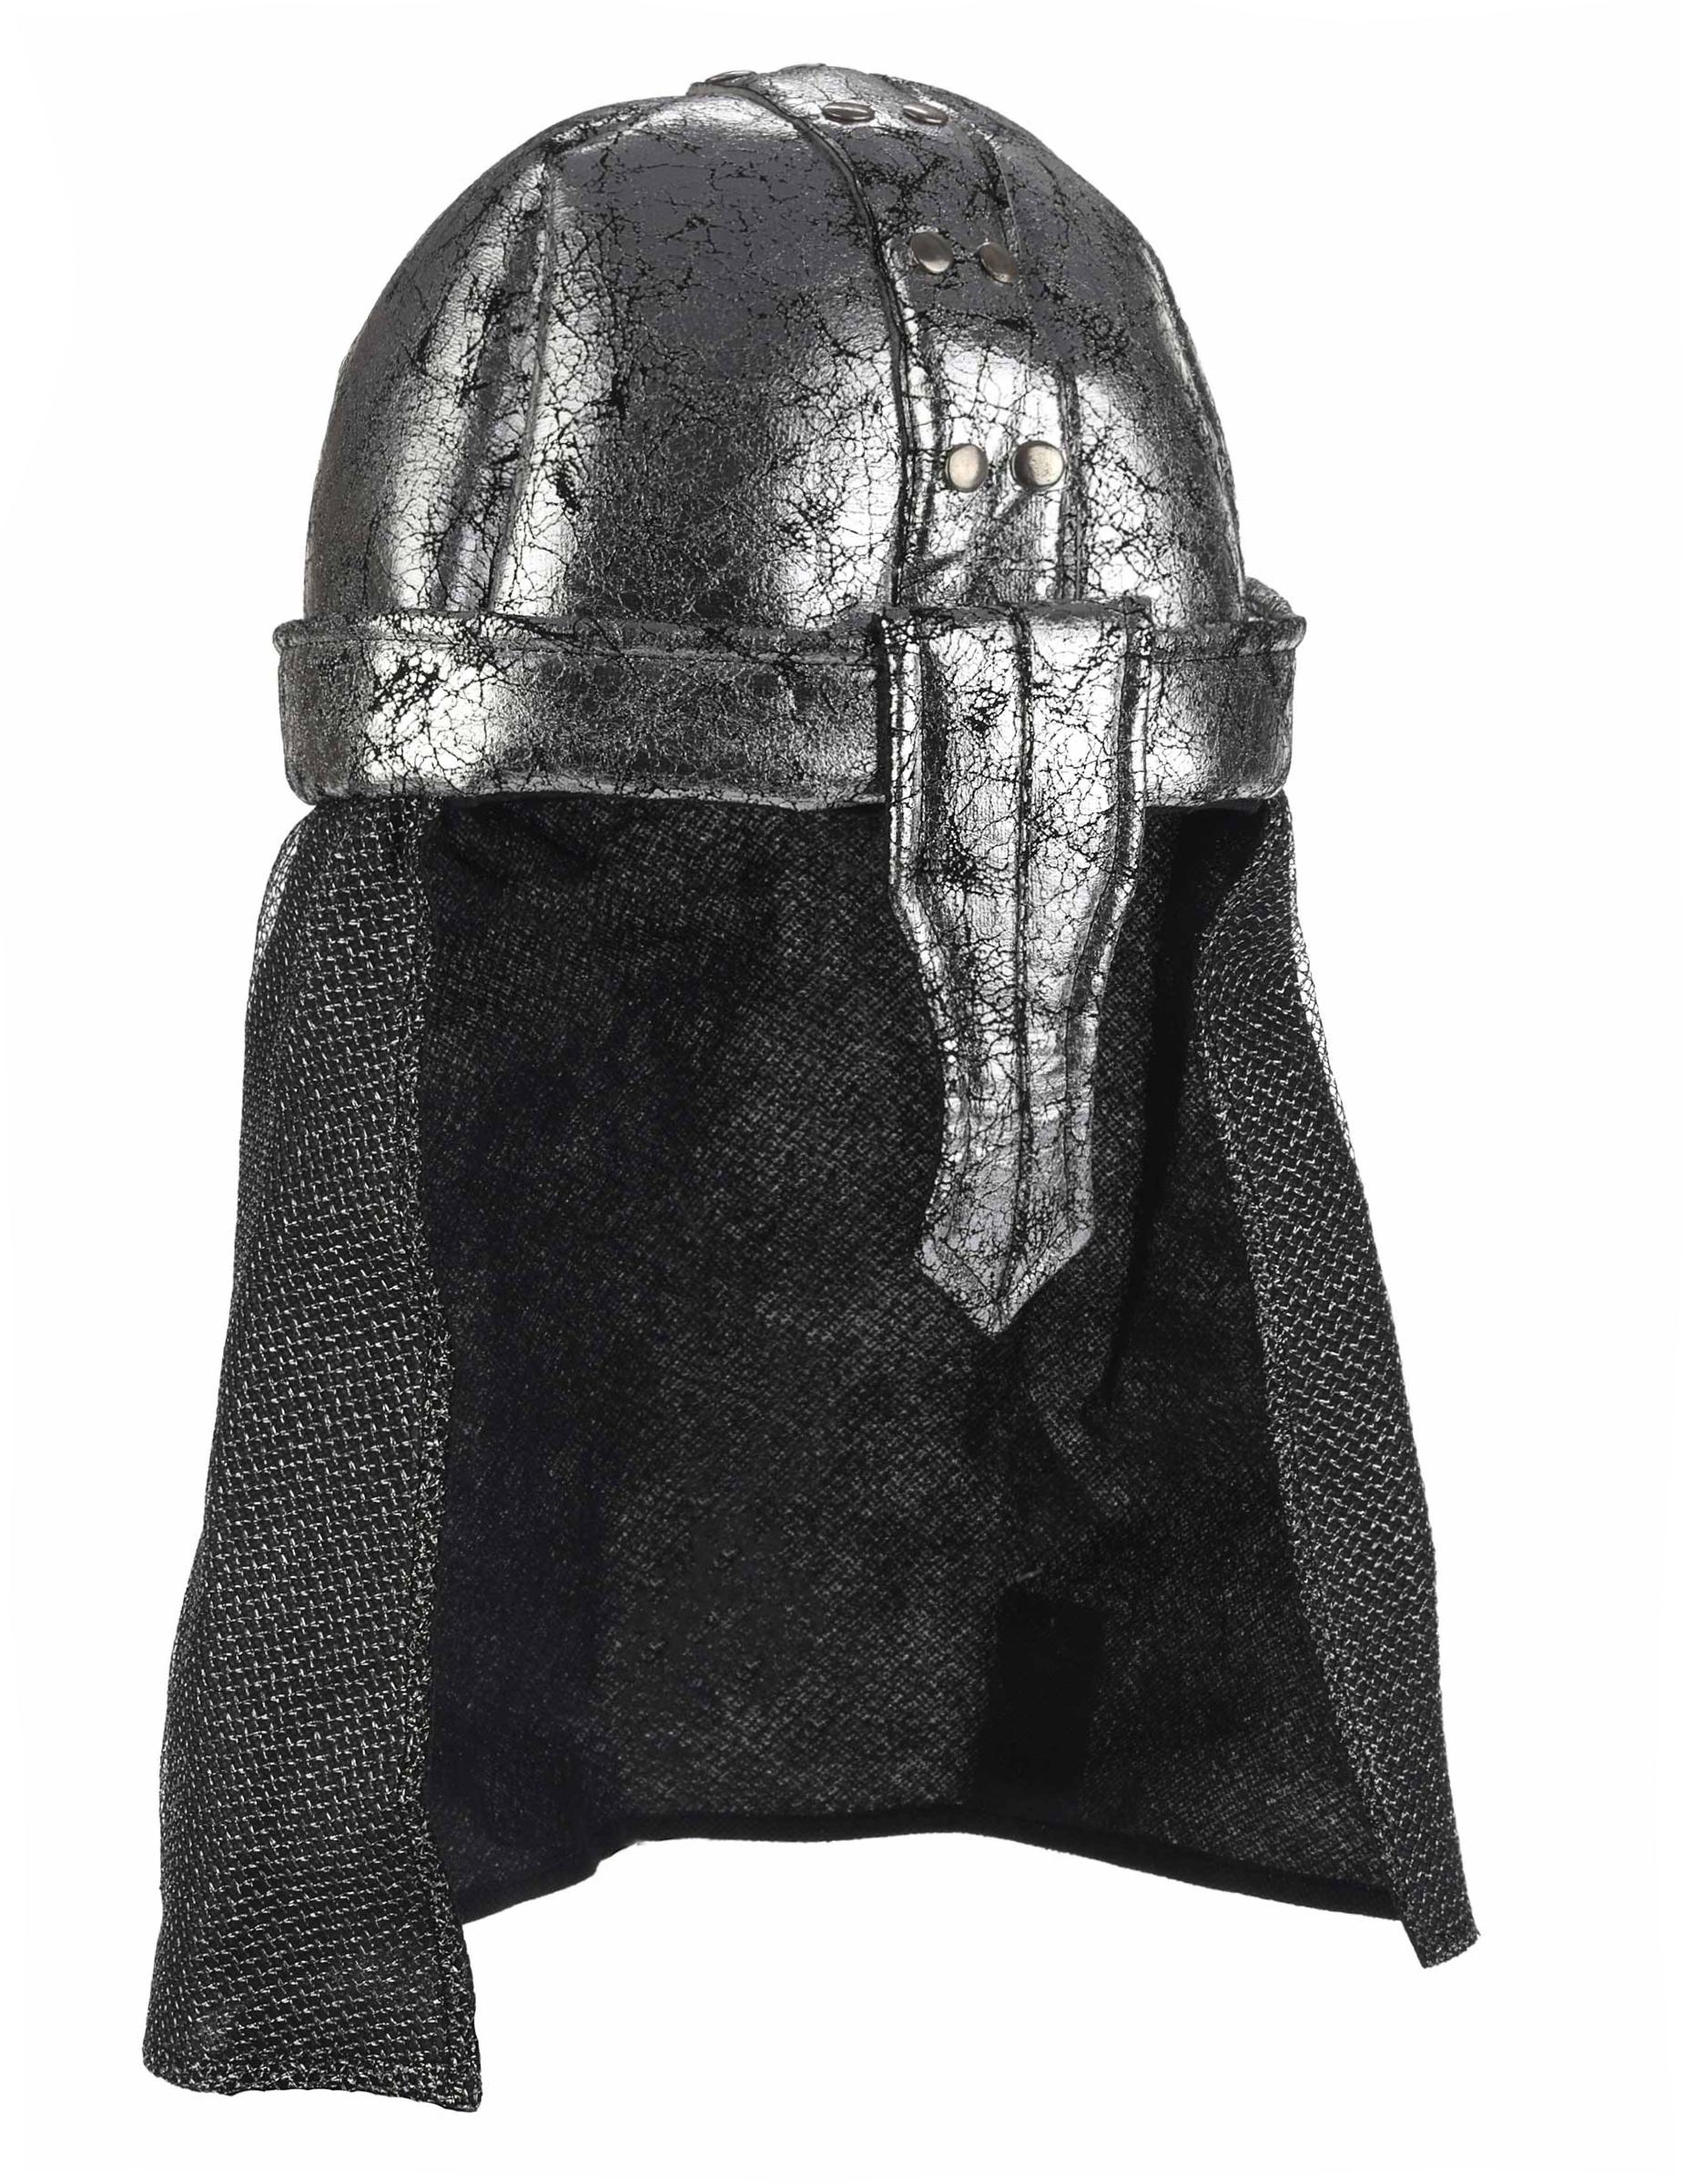 Casque de chevalier pour déguisement guerrier adulte